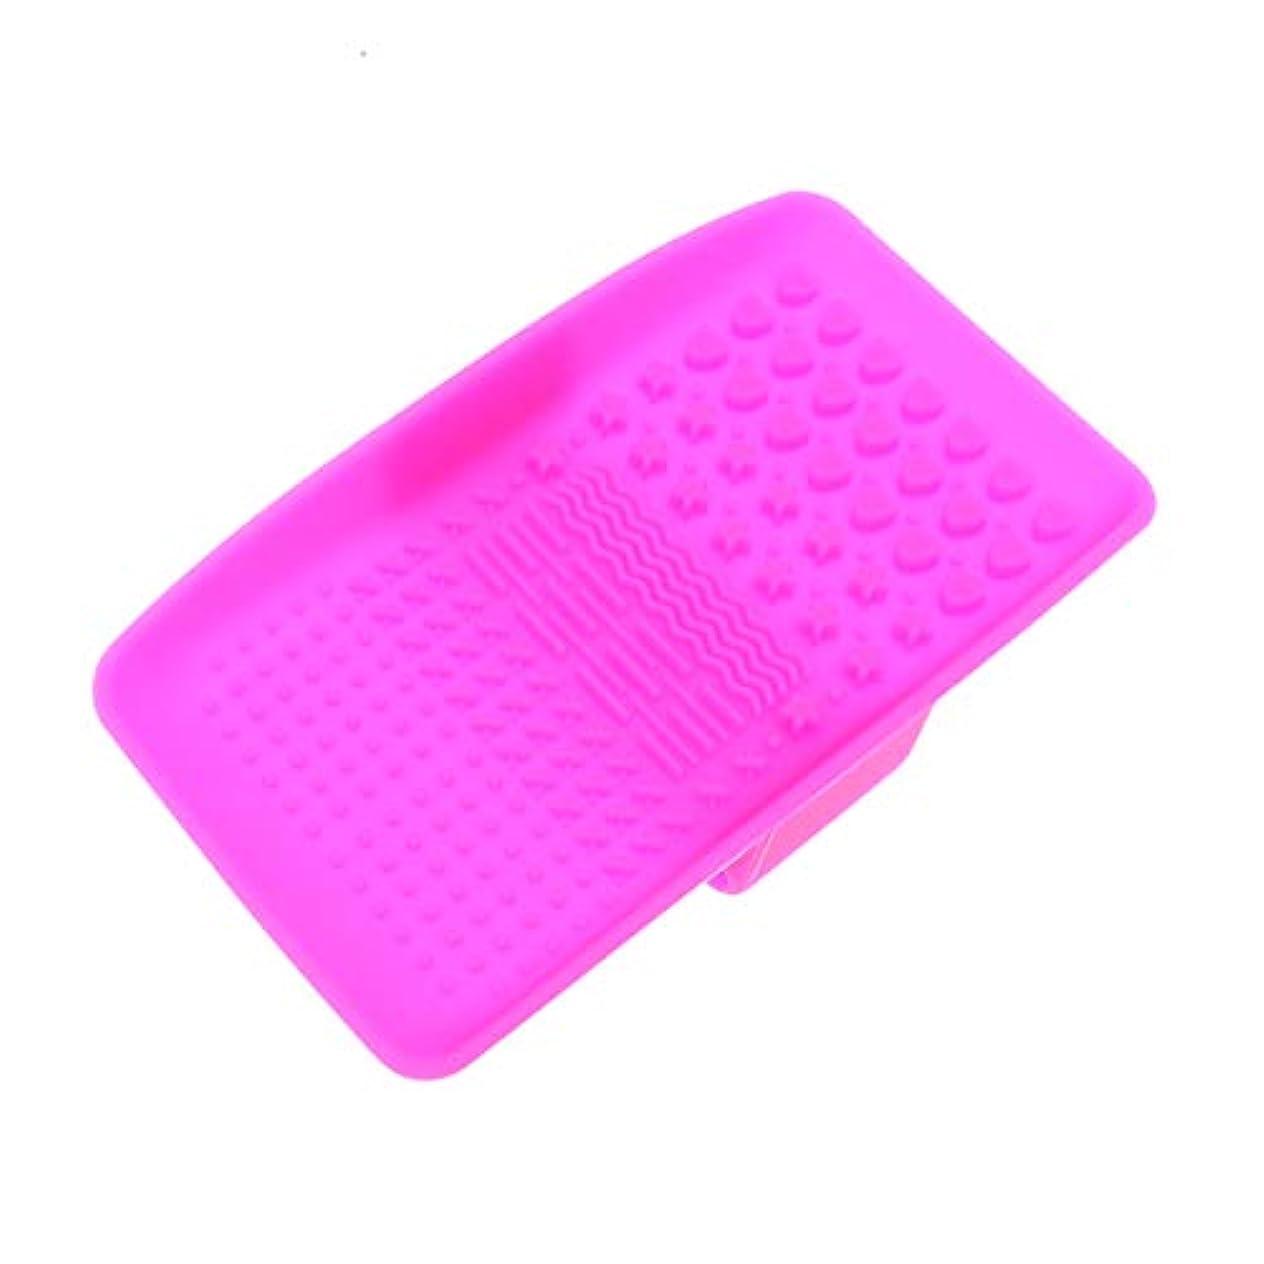 オペラ航空会社味わうBeaupretty 吸引ブラシが付いているシリコーンのブラシのクリーニングのマットの携帯用化粧品のブラシの洗剤